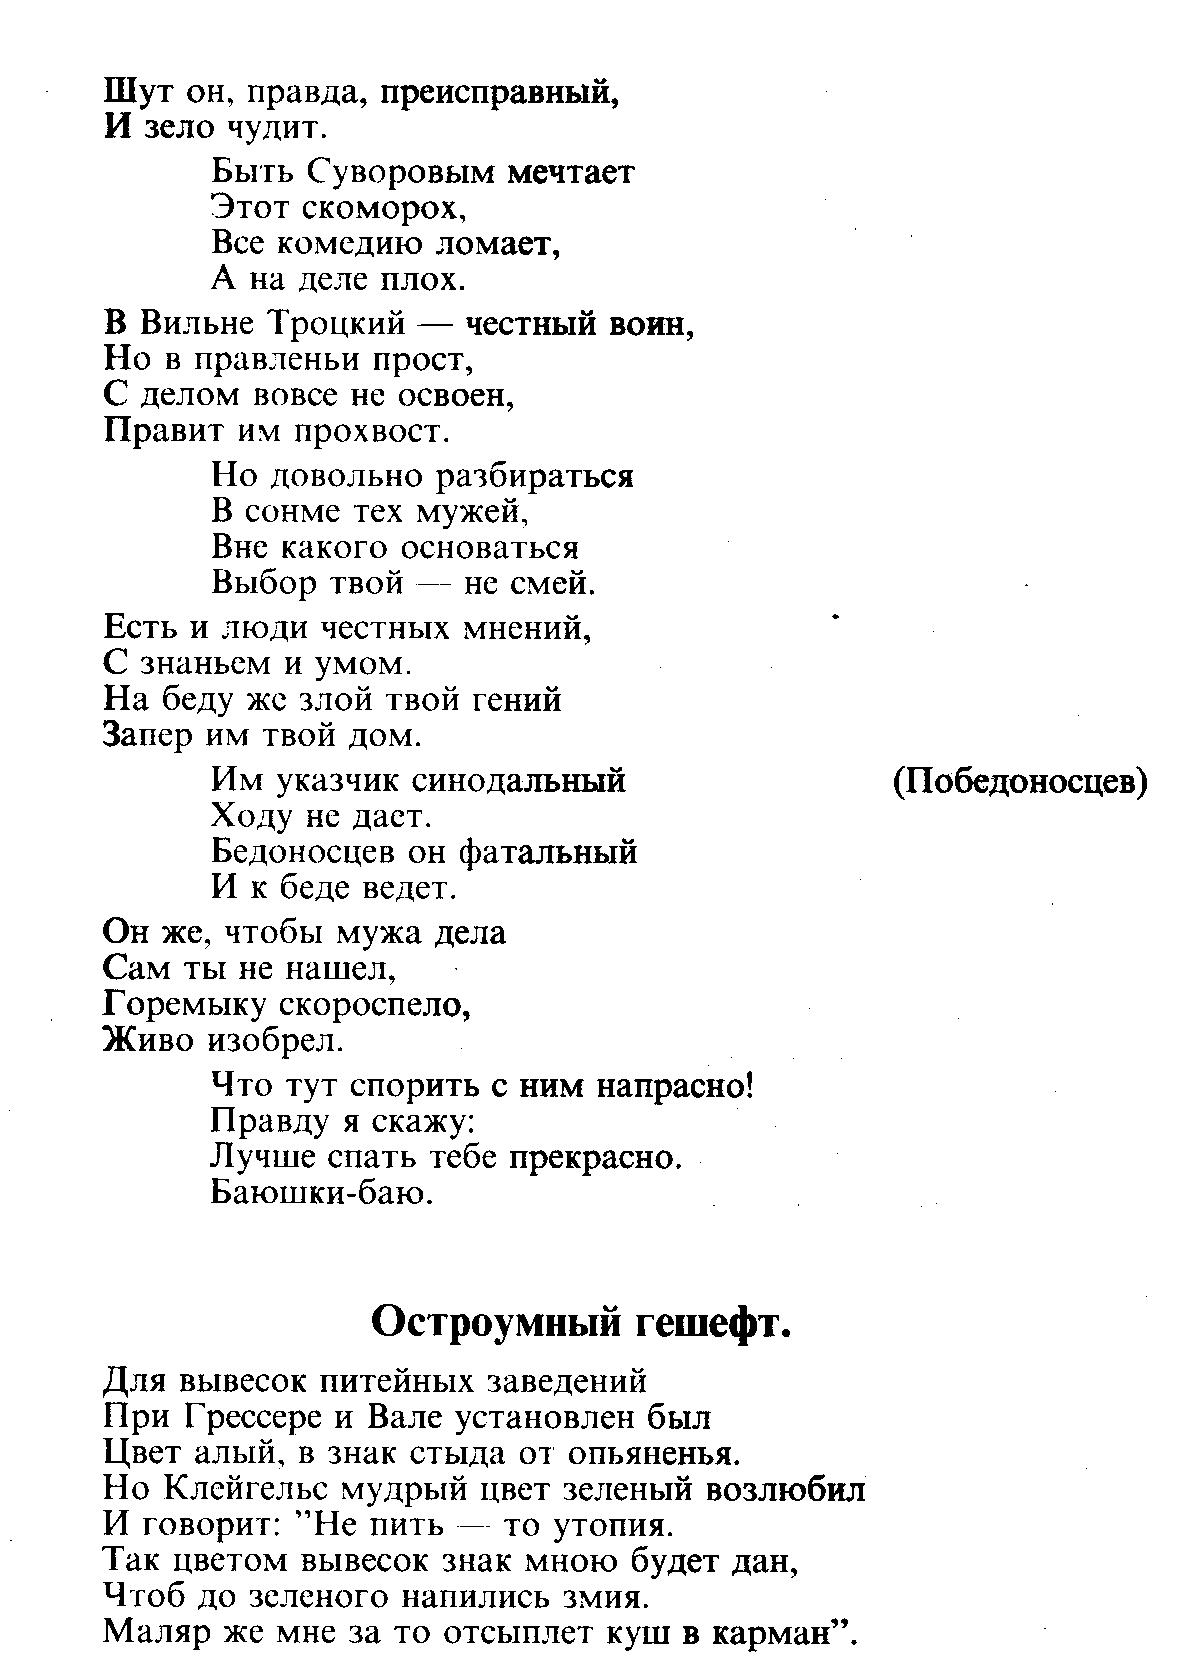 Поиск на странице - ctrl+f - Украина и Россия: адресно